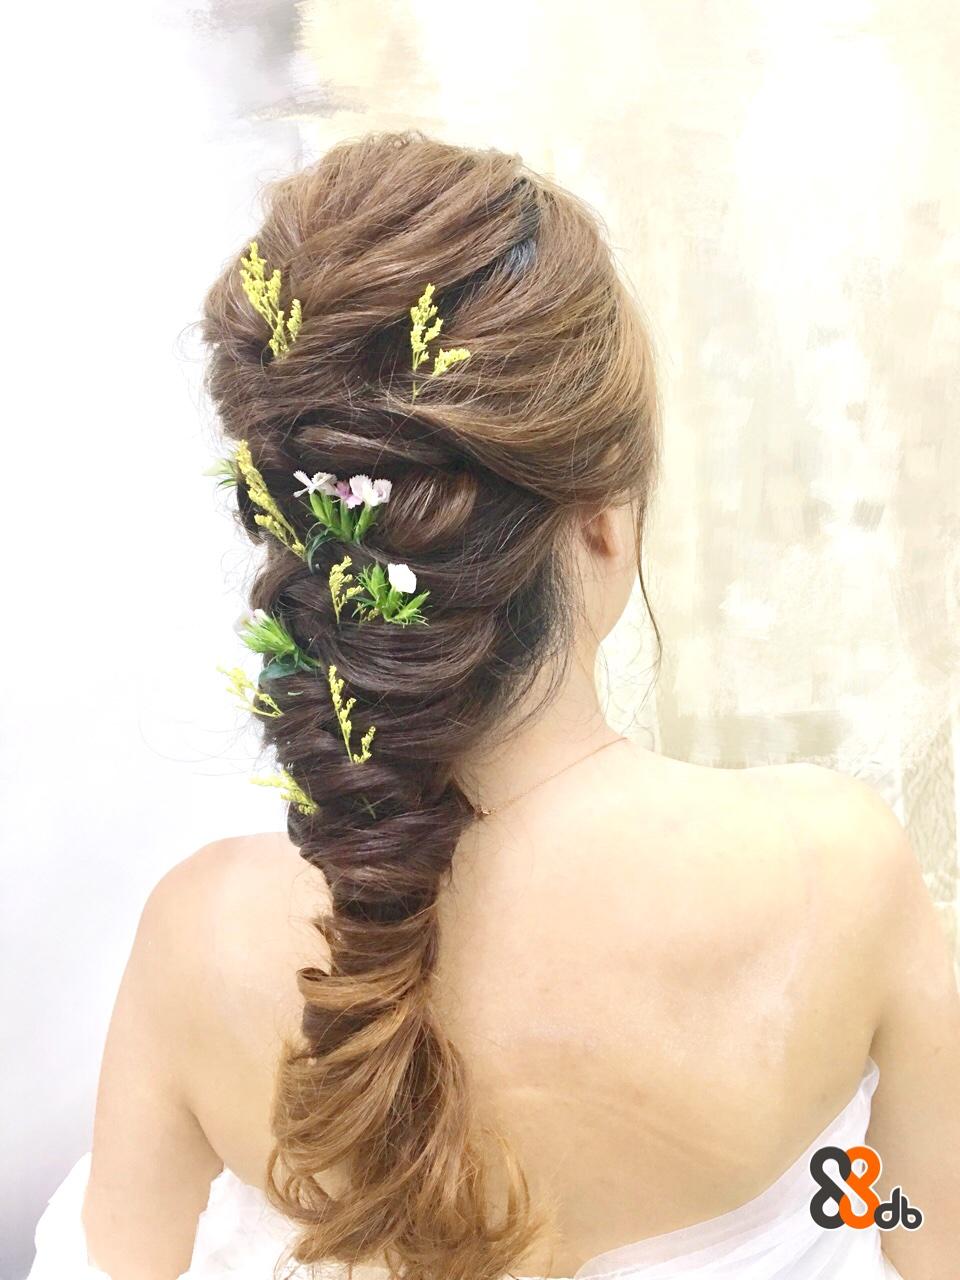 hair,hairstyle,headpiece,hair accessory,long hair